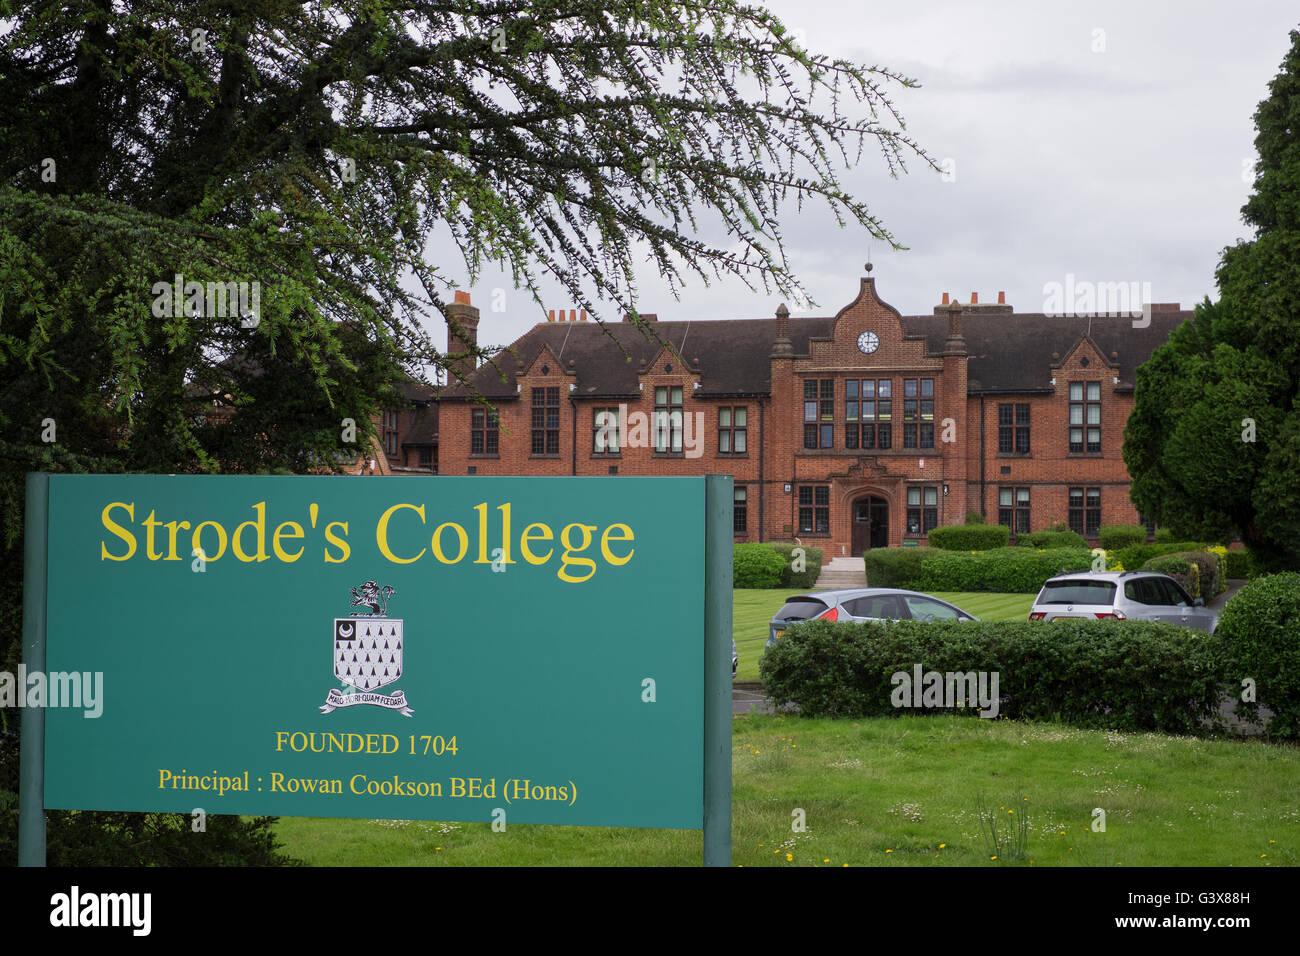 Strode's College in Egham in Surrey UK - Stock Image